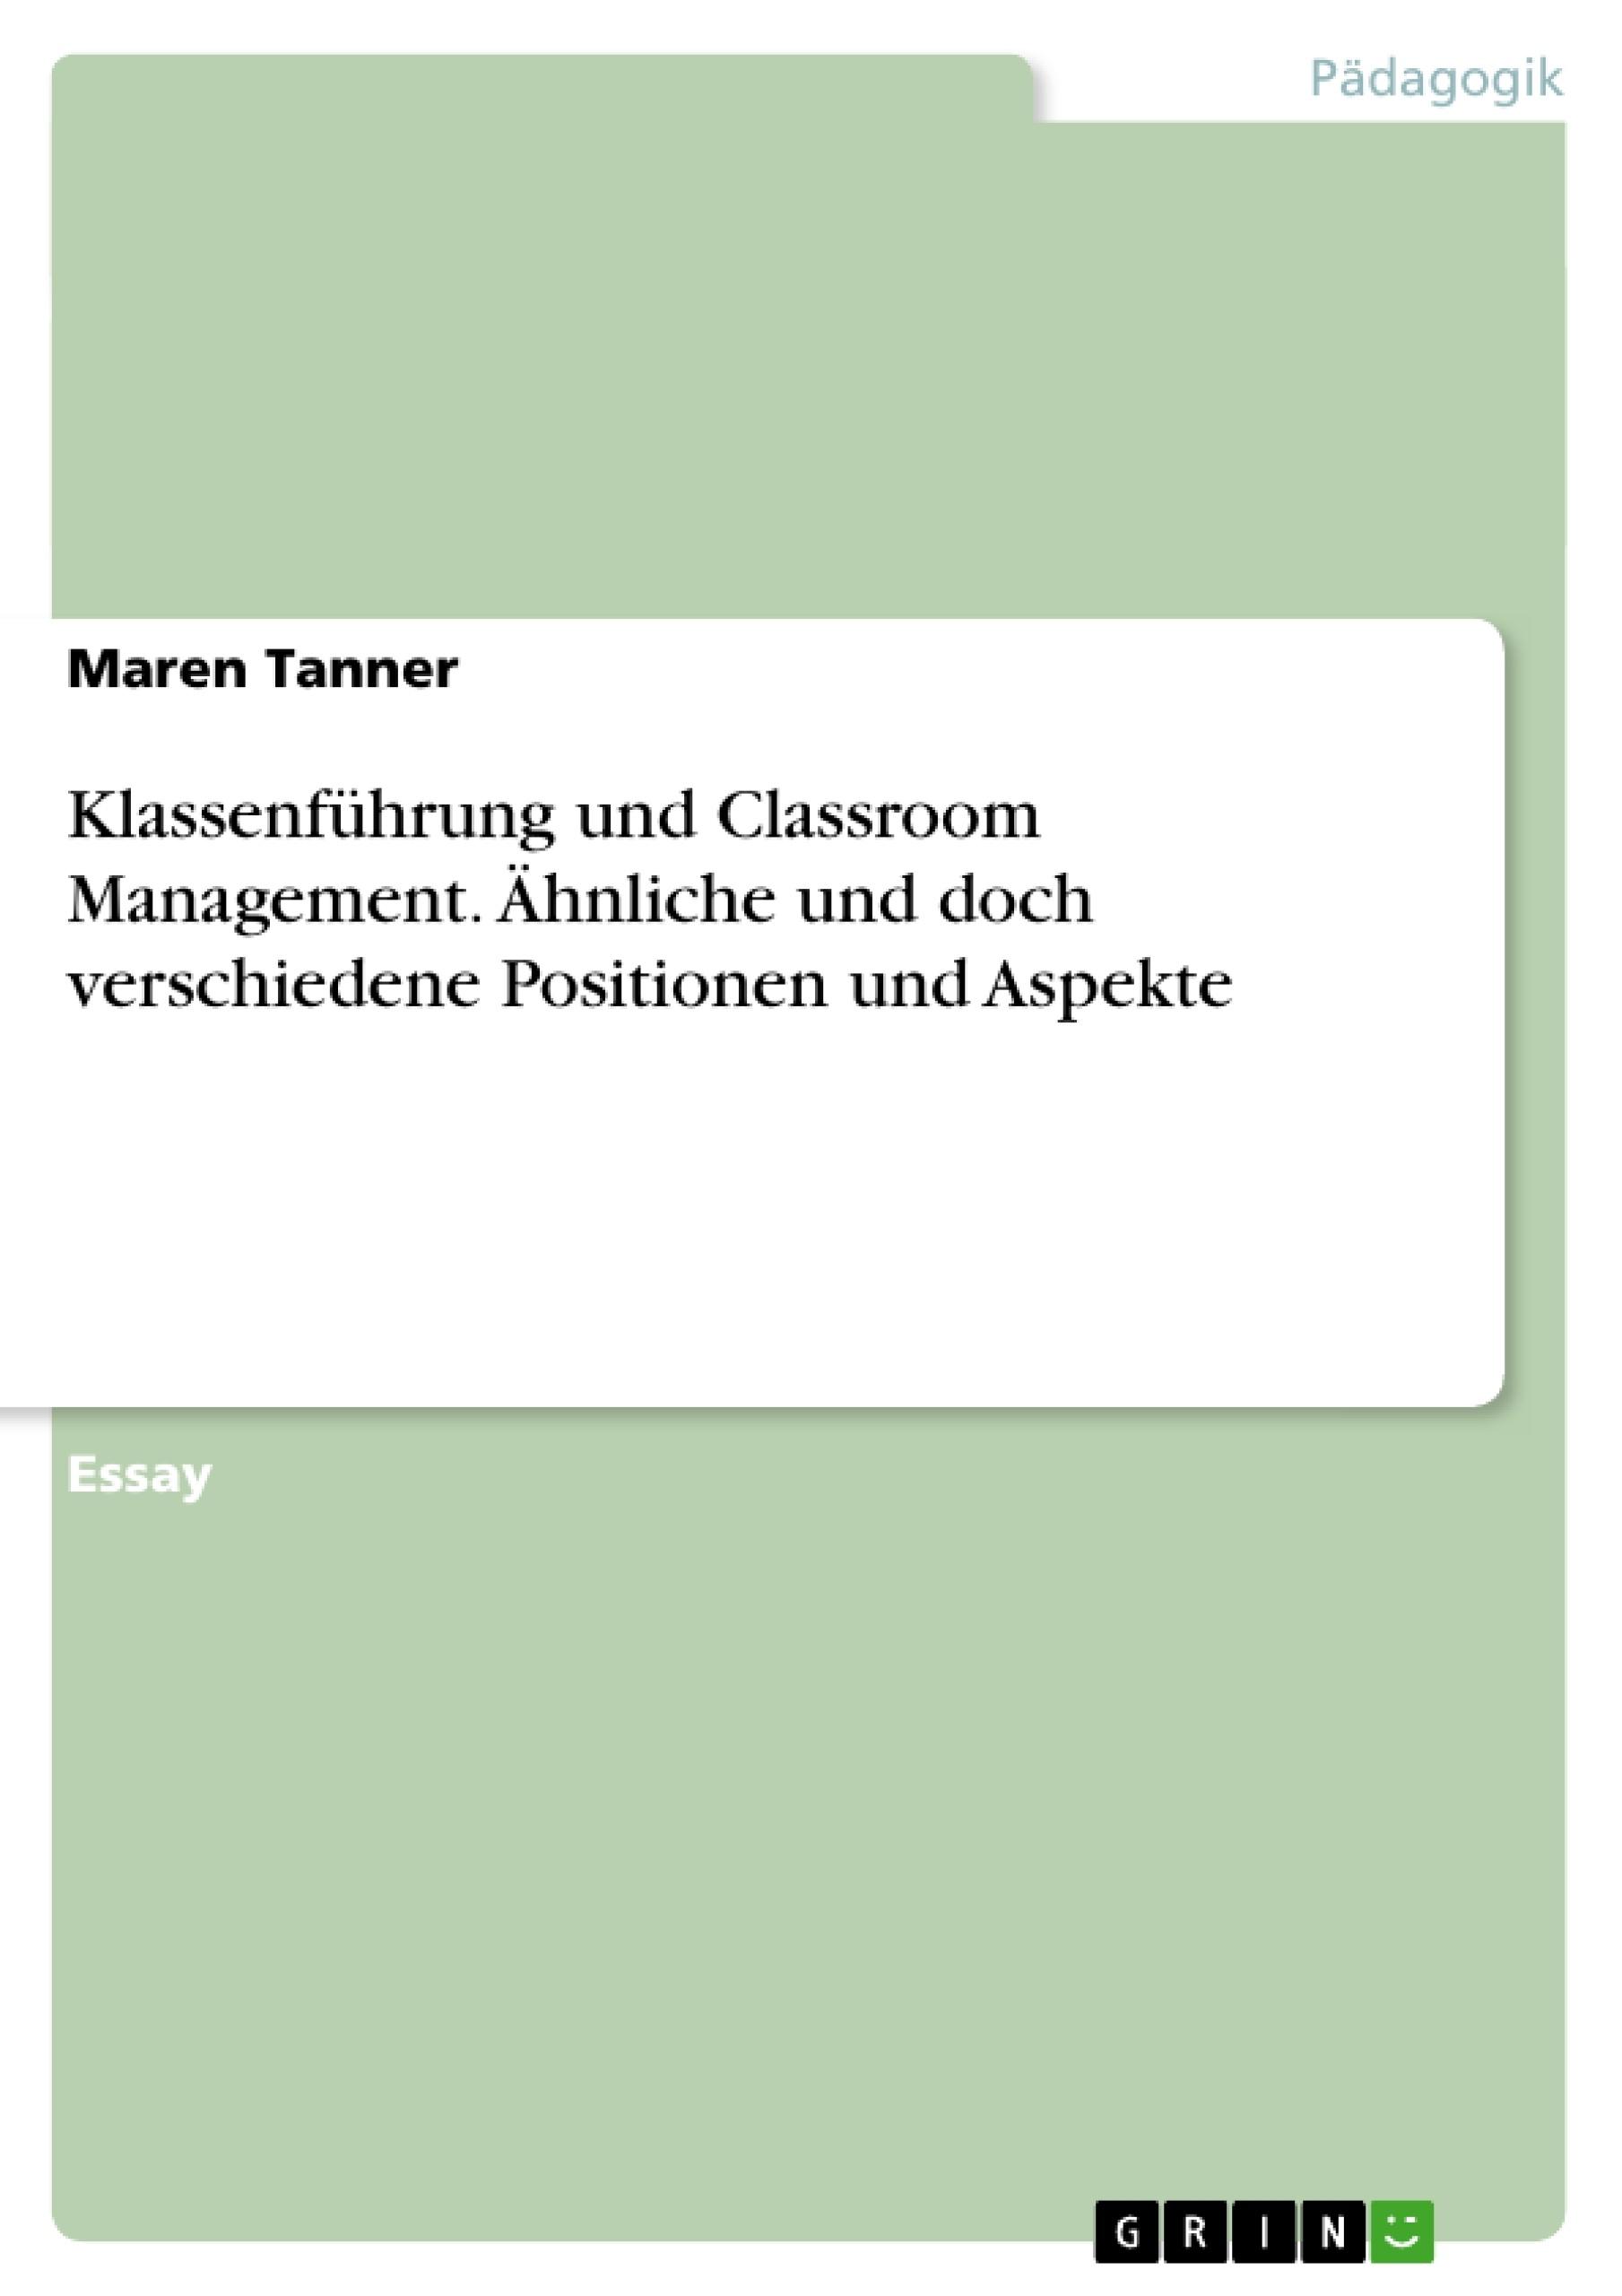 Titel: Klassenführung und Classroom Management. Ähnliche und doch verschiedene Positionen und Aspekte